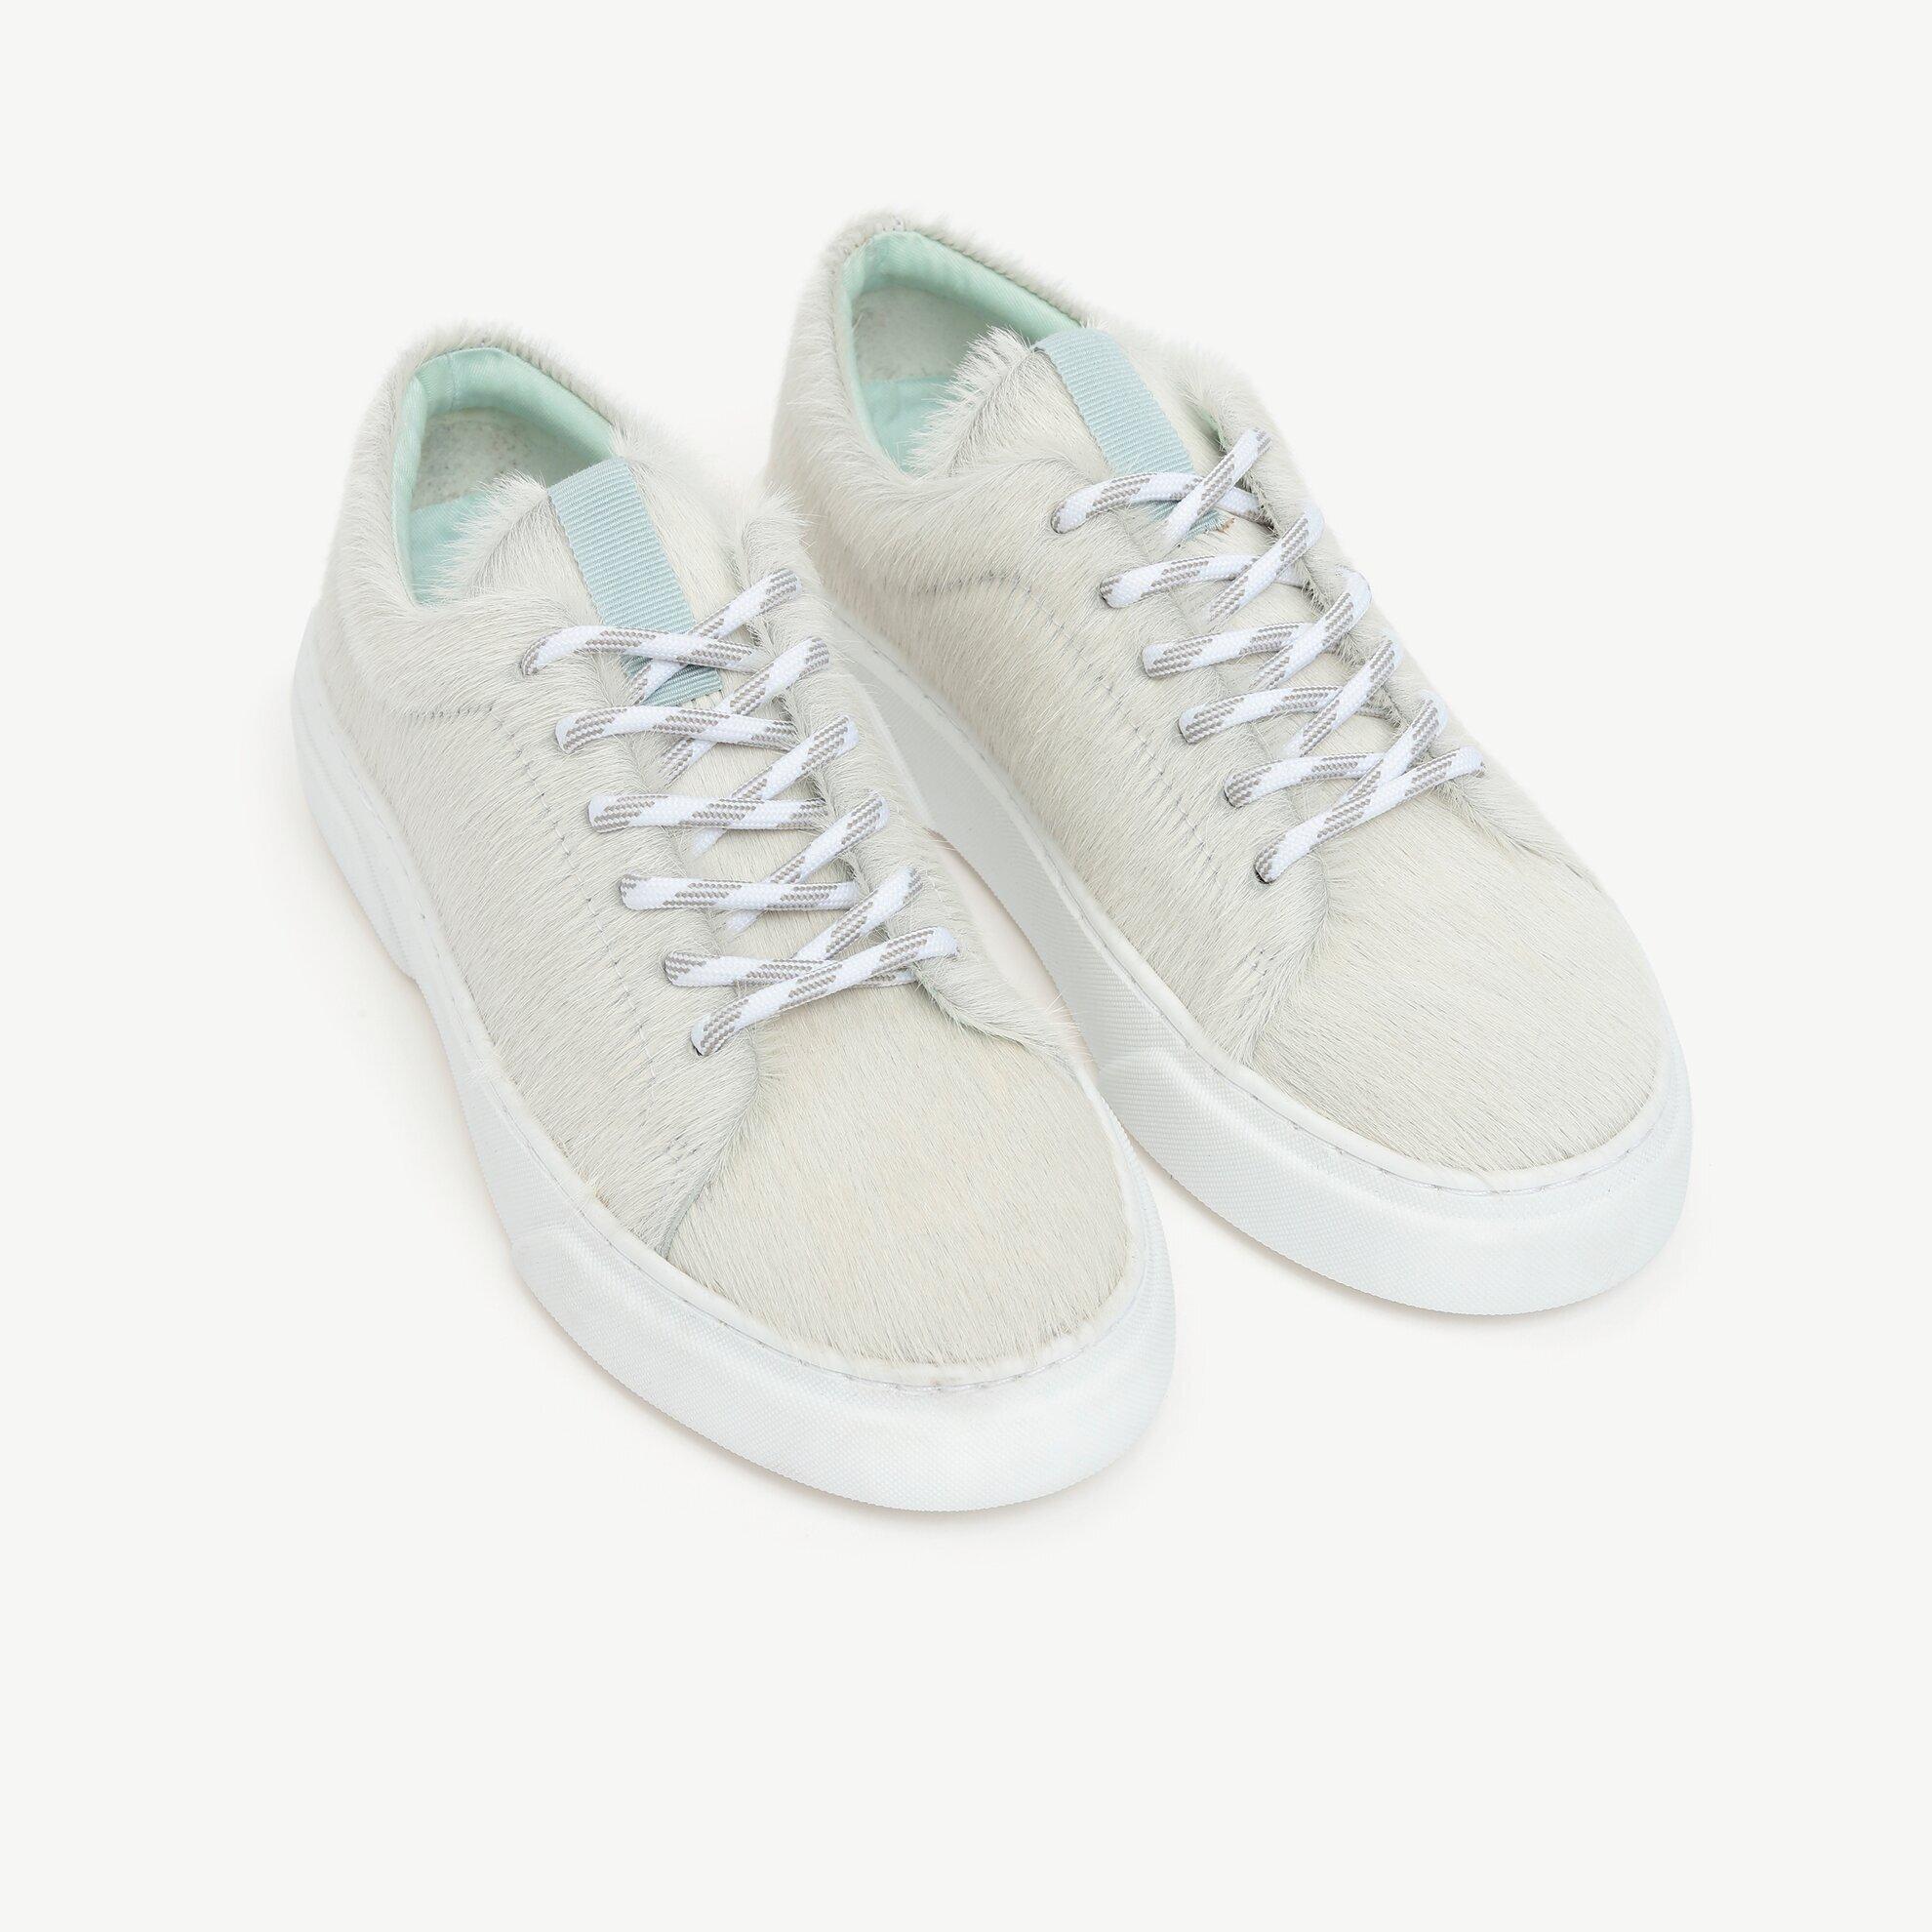 Kontrast Astarlı Tay Tüyü Deri Spor Ayakkabı